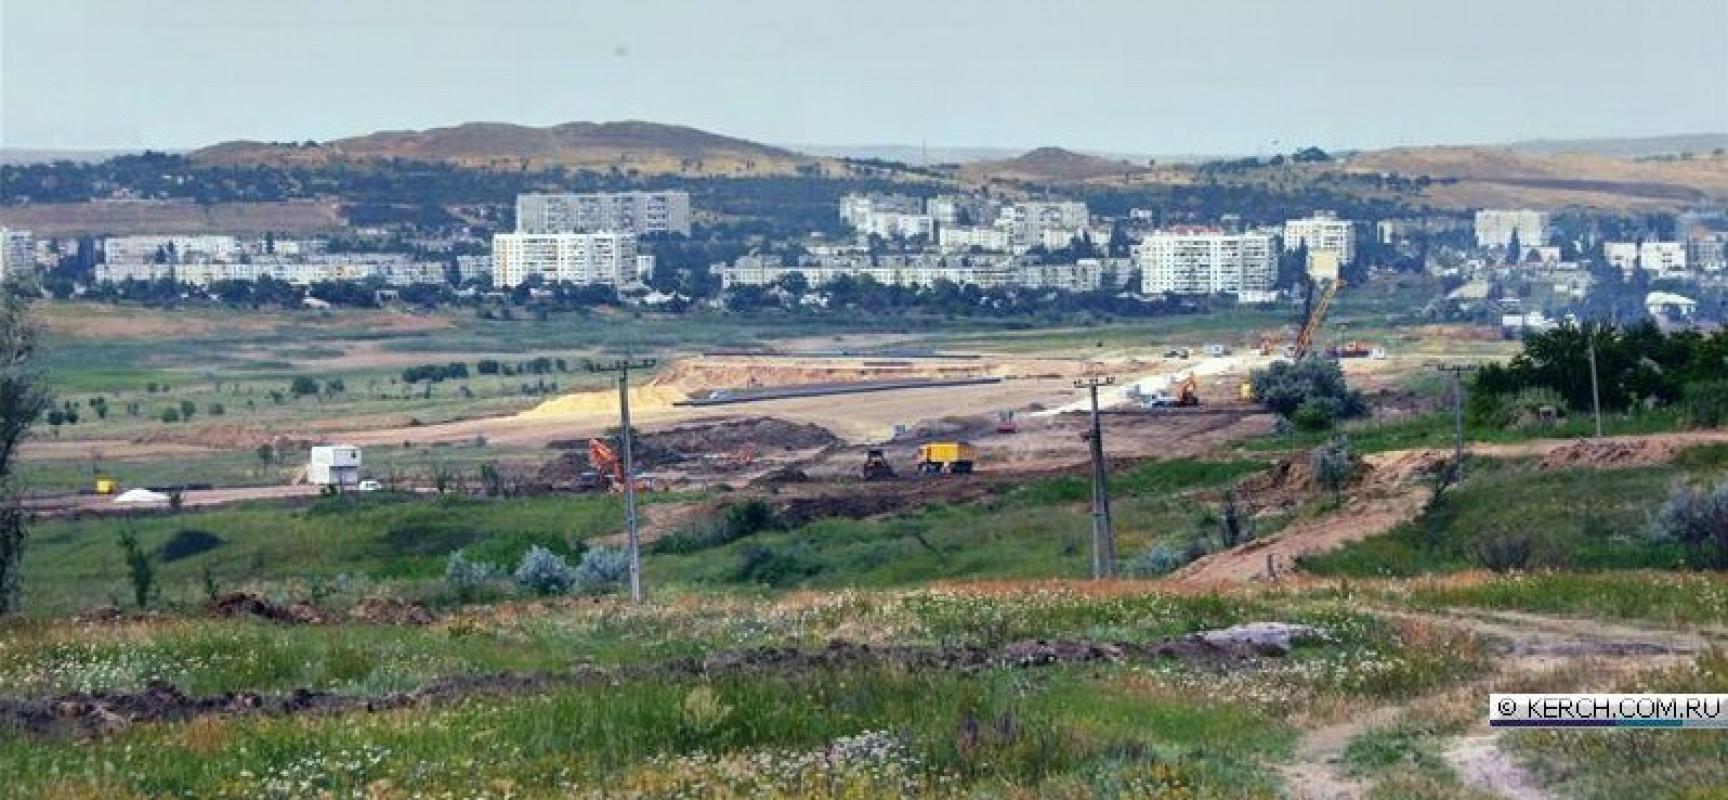 Керчь: Строительство путепровода между центром и Аршинцево с каждым днем набирает обороты